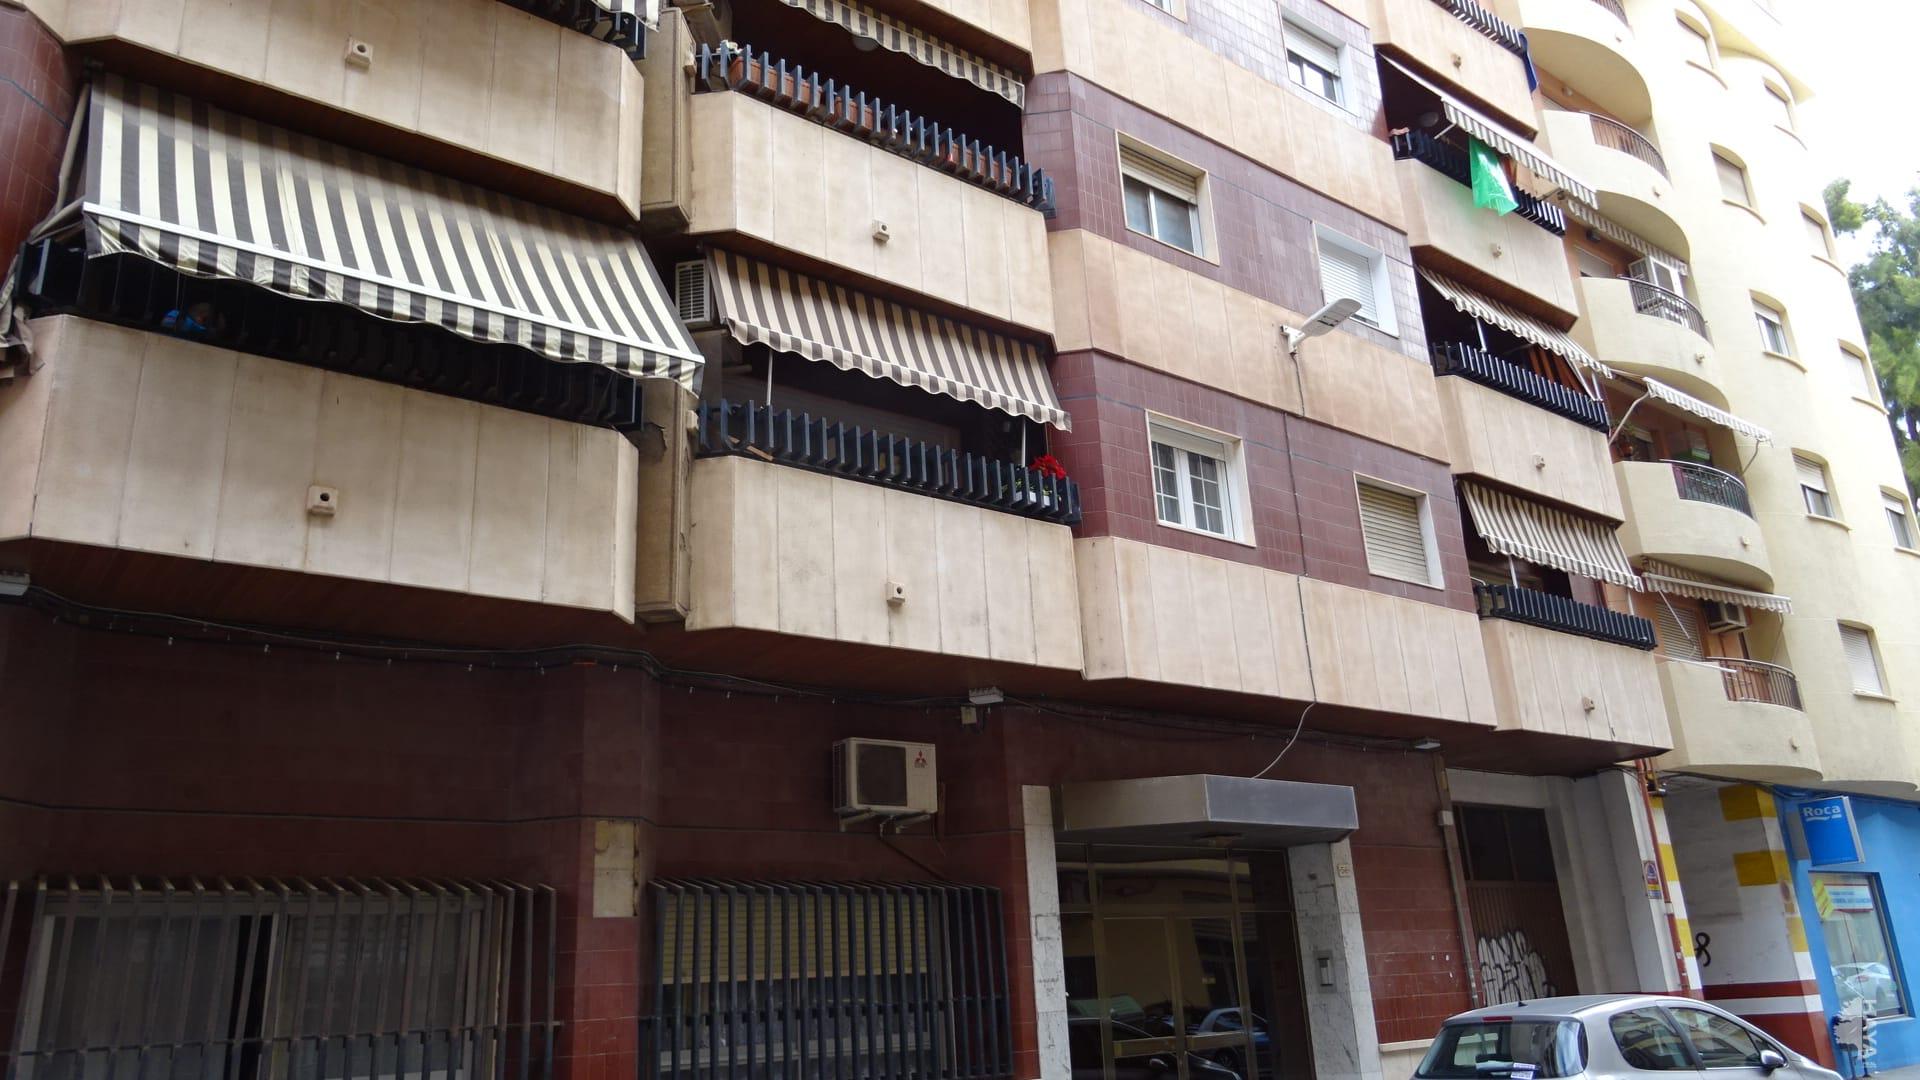 Piso en venta en Gandia, Valencia, Calle Gabriel Miro, 74.200 €, 4 habitaciones, 1 baño, 127 m2